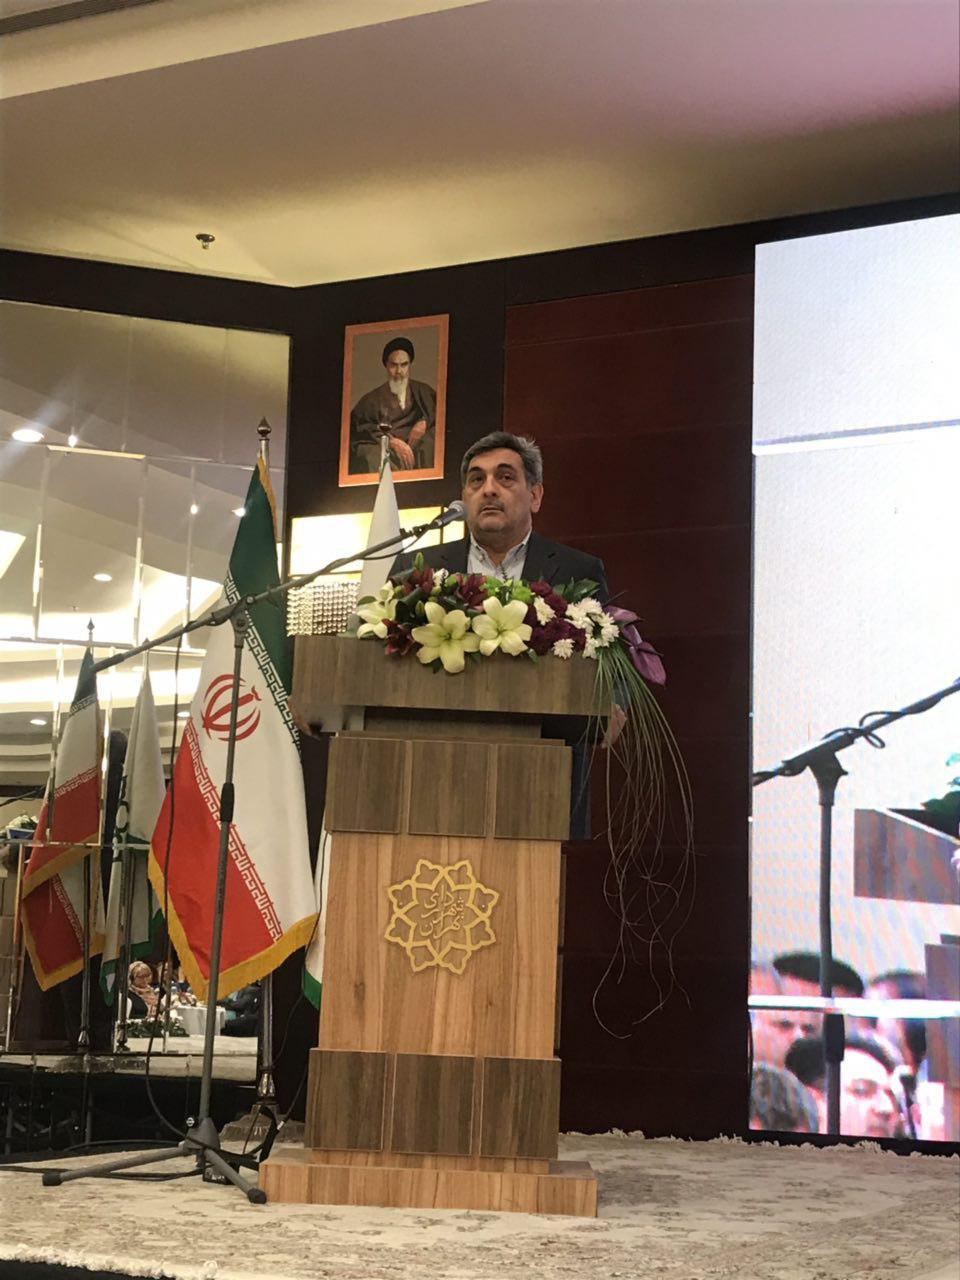 پیروز حناچی : پیشبرد پروژه ها در تهران نیازمند مشارکت بخش خصوصی است